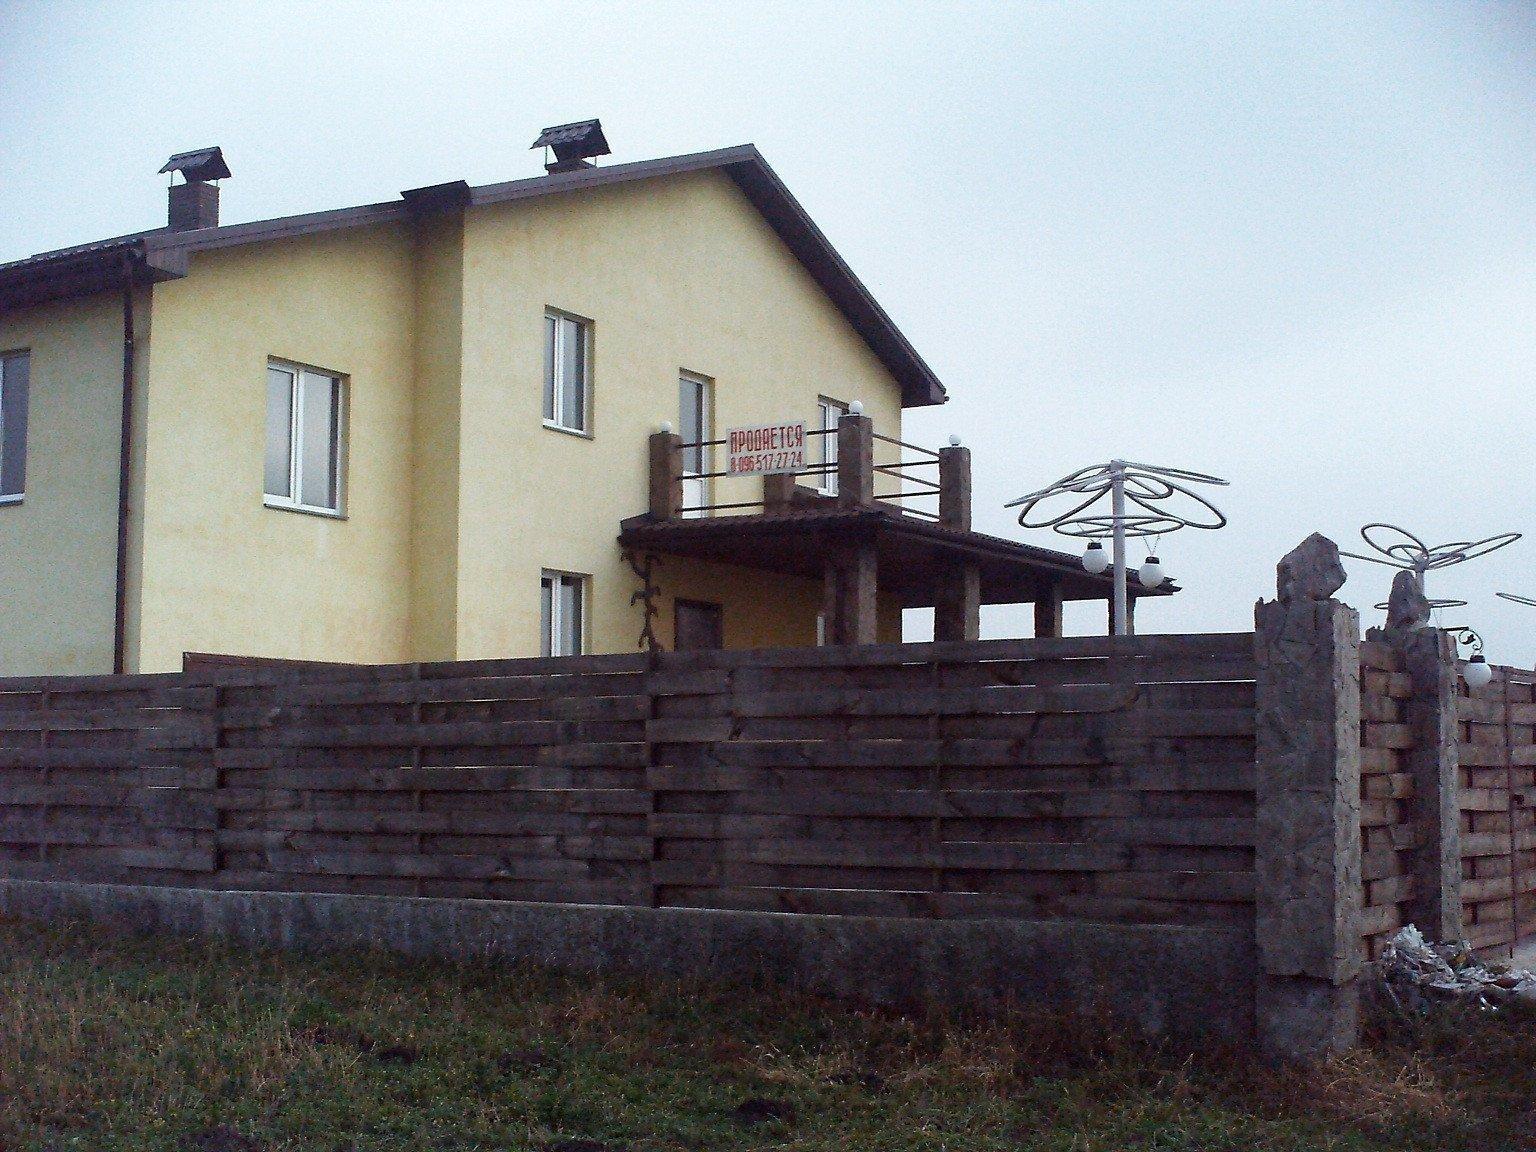 Фото: Продам будинок в місті Рожни. Оголошення № 4580